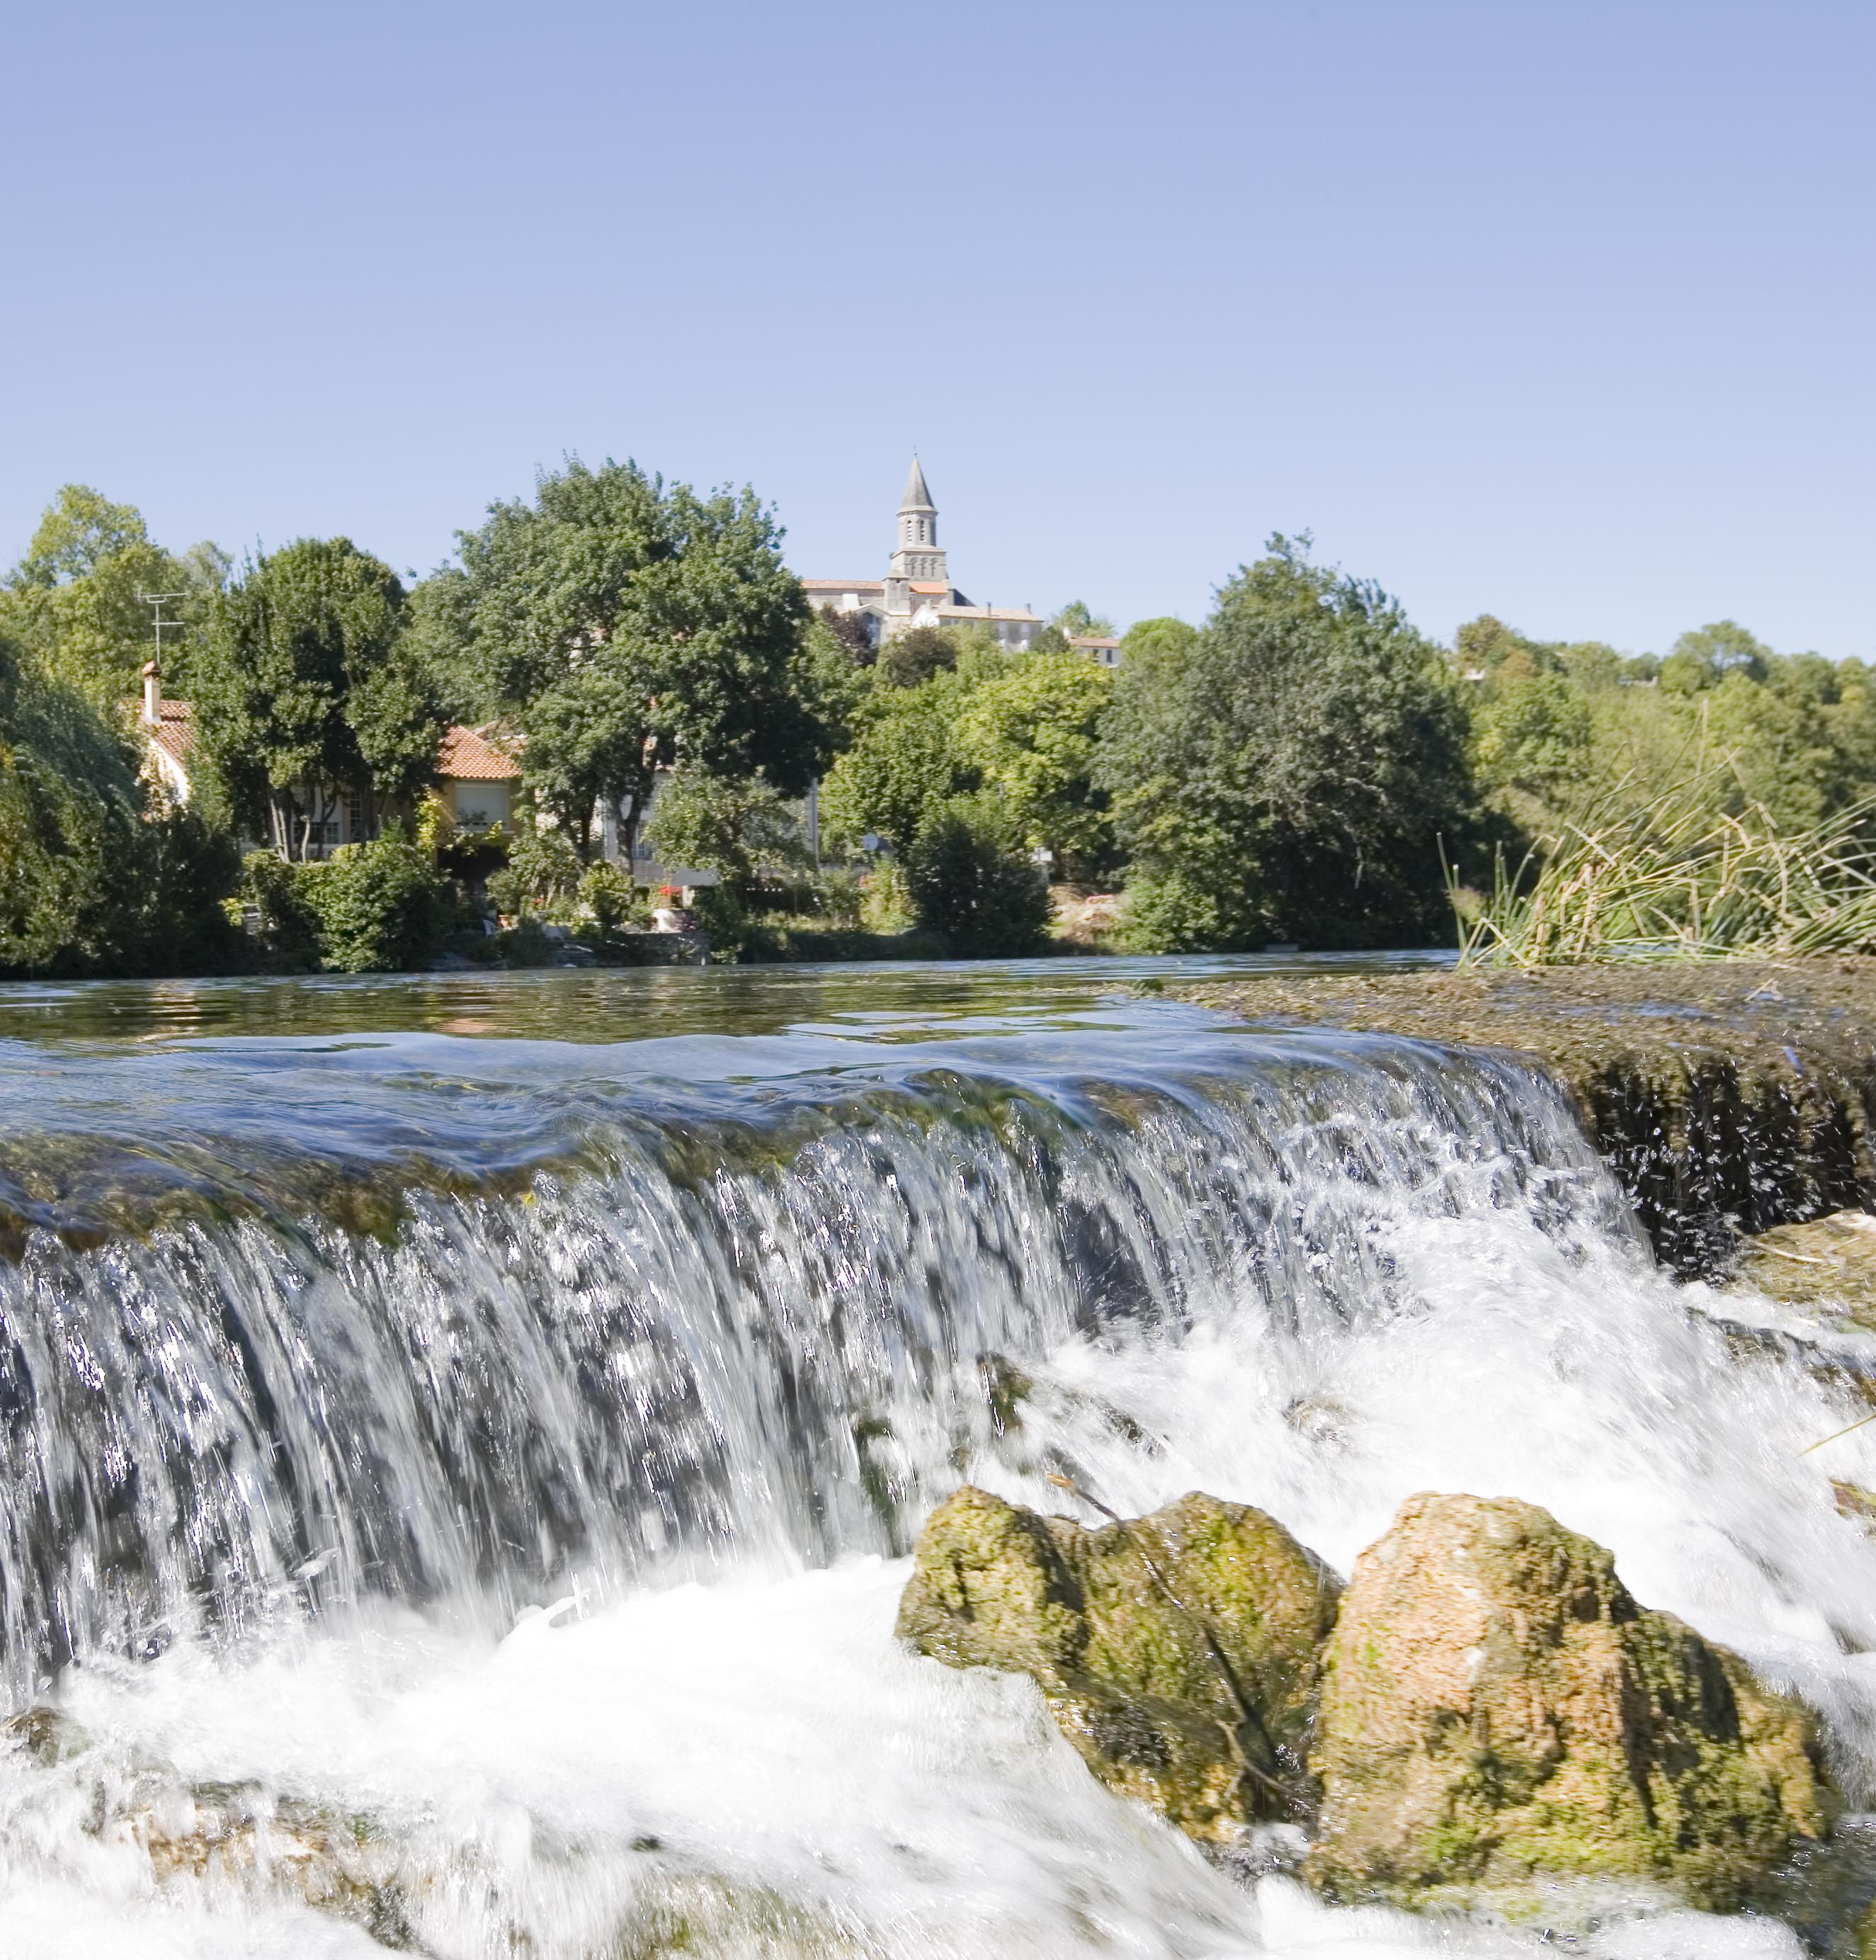 cascade sur le fleuve charente calme serenite en croisiere inter croisieres sireuil nicols 1382 charentestourisme.jpg